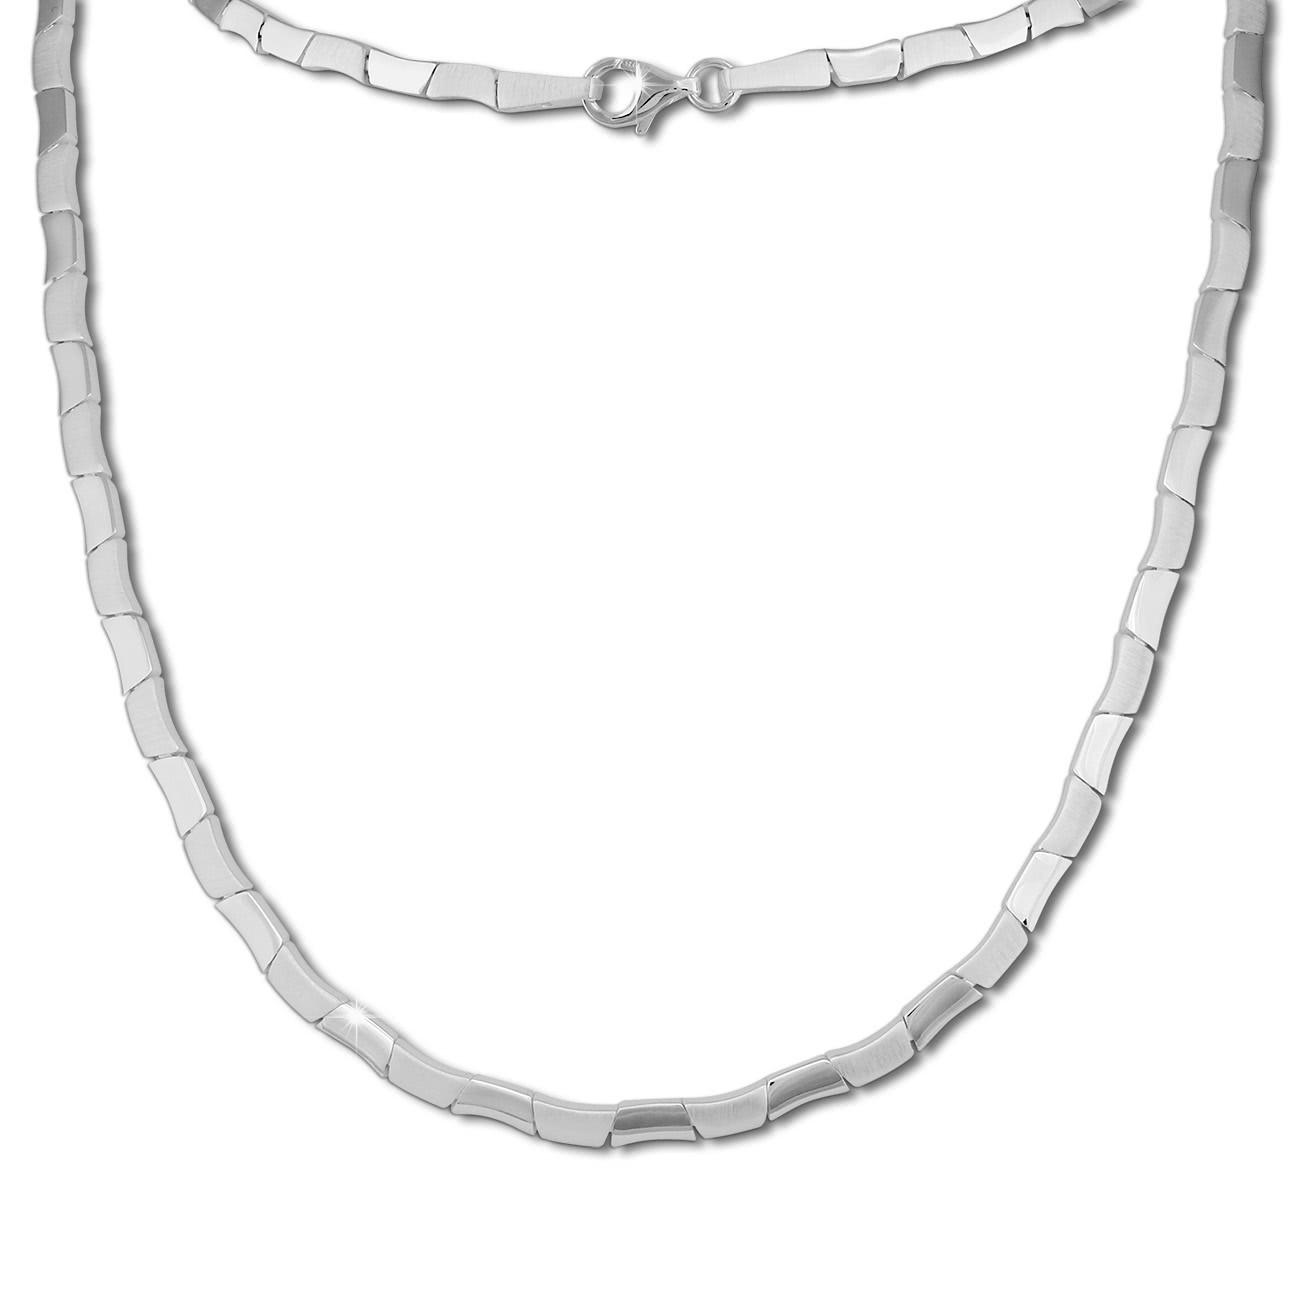 SilberDream Collier Kette Design 925 Silber 45cm Halskette Damen SDK427